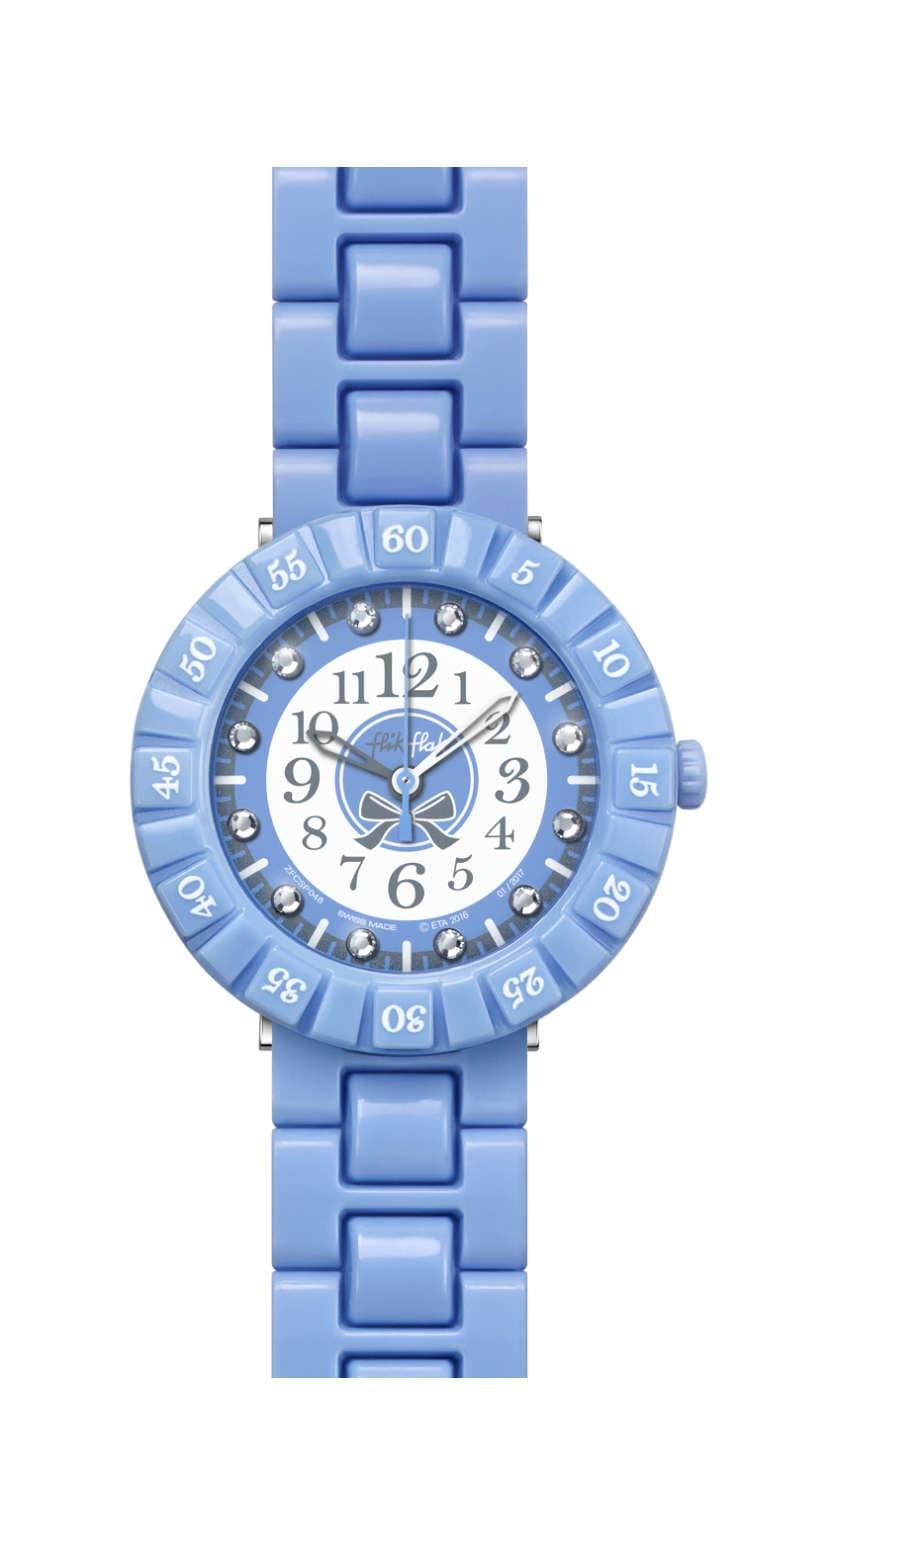 Swatch - PRETTY LAVENDA - 1